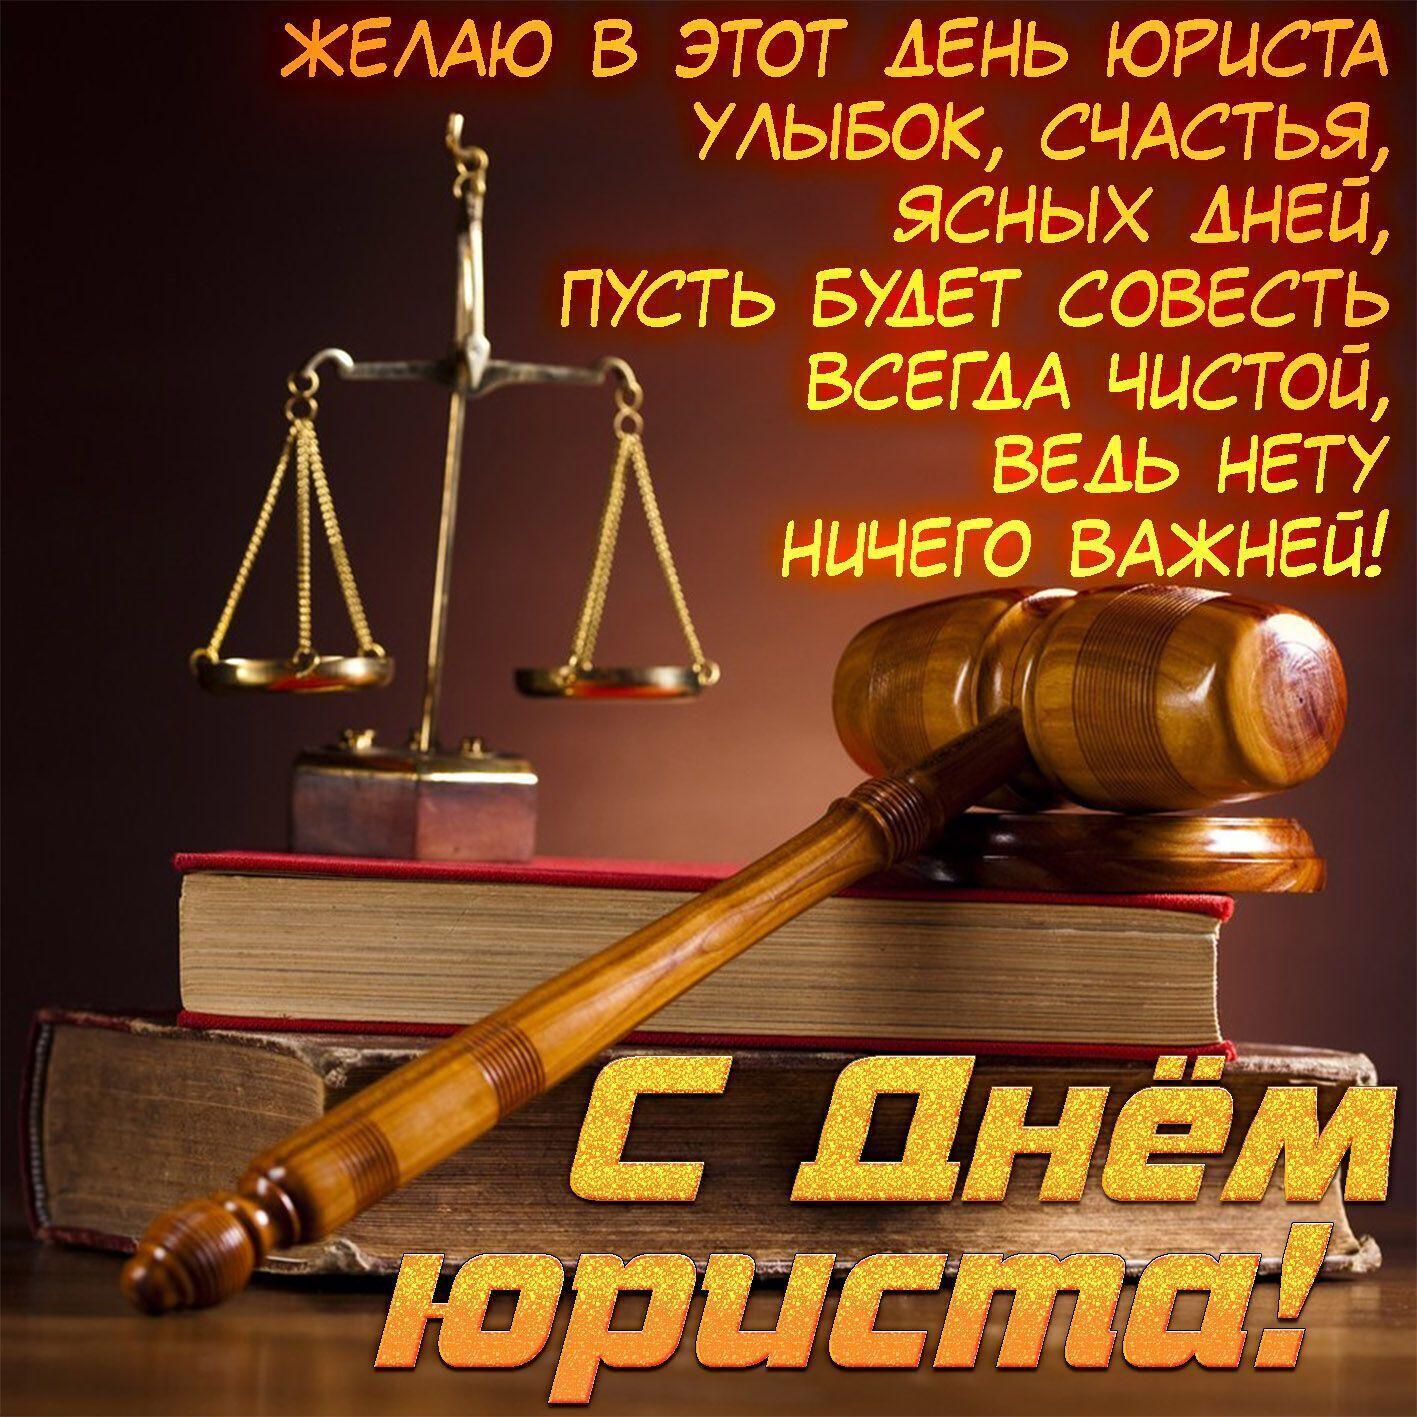 Открытка в День юриста Украины